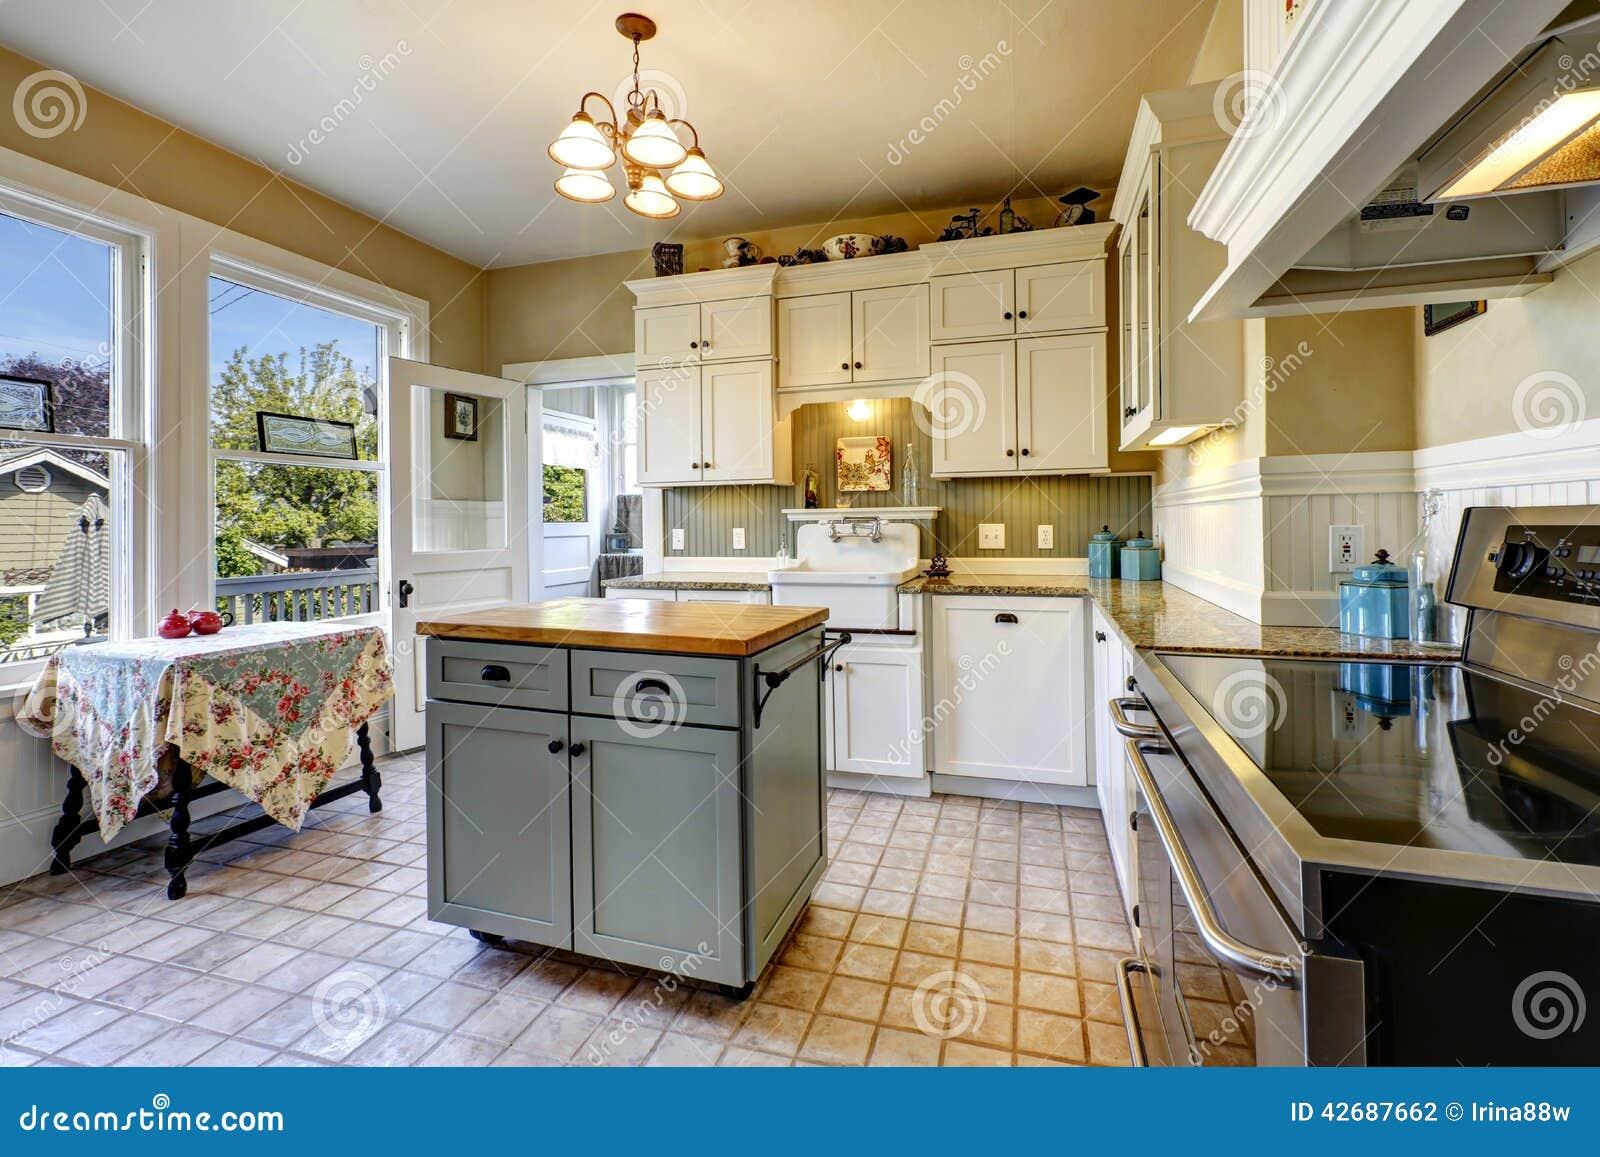 Int rieur de cuisine dans la vieille maison avec la table - Maison de la table ...